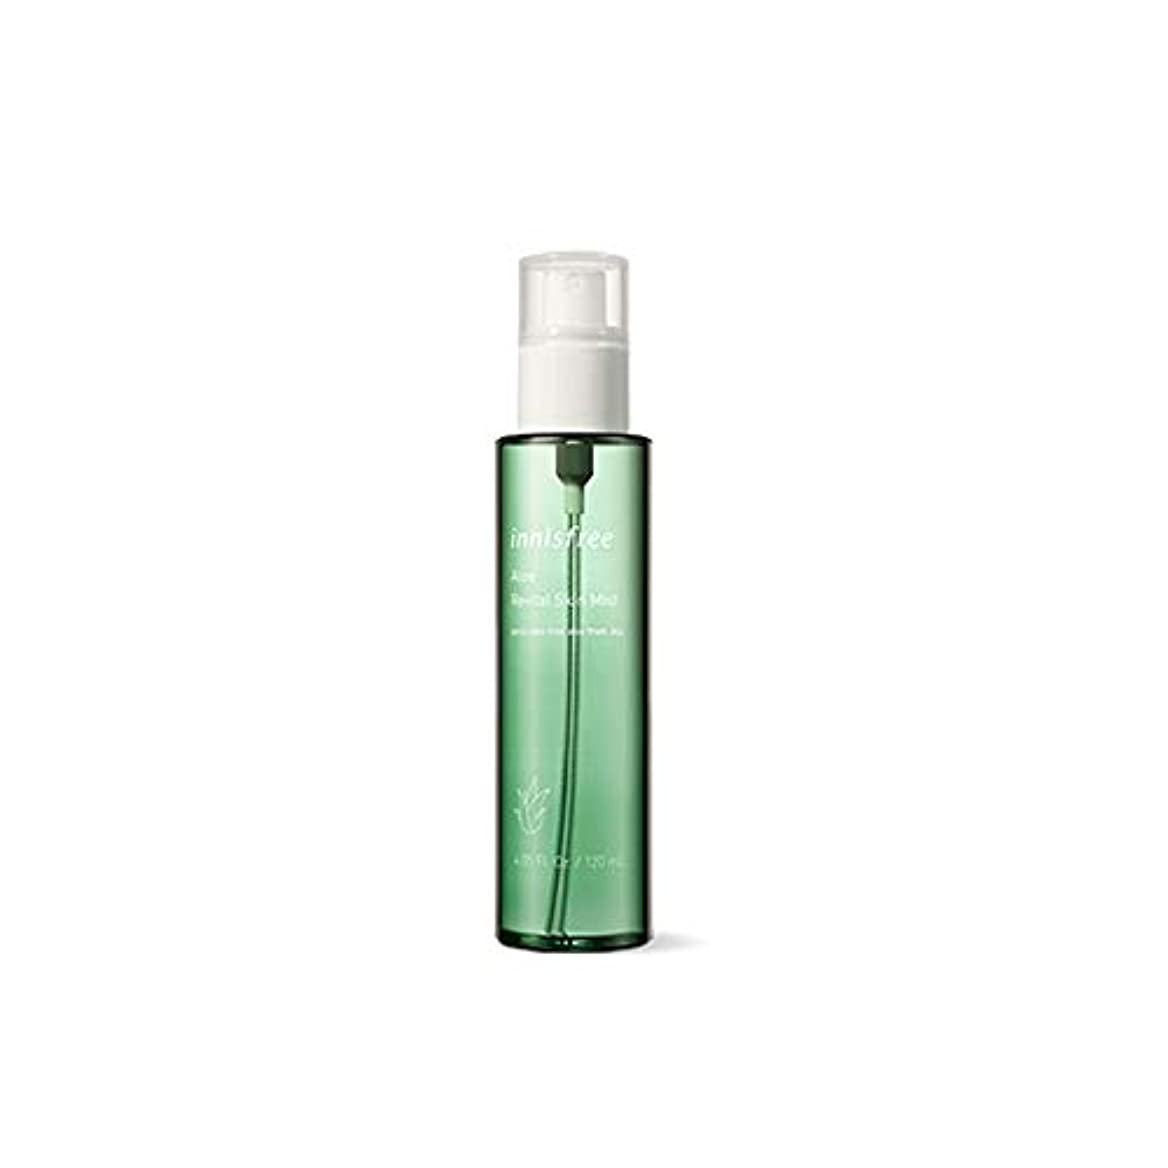 アリーナなす面倒イニスフリー Innisfree アロエ リバイタル スキンミスト(120ml)2015.6. Innisfree Aloe Revital Skin Mist(120ml) [海外直送品]